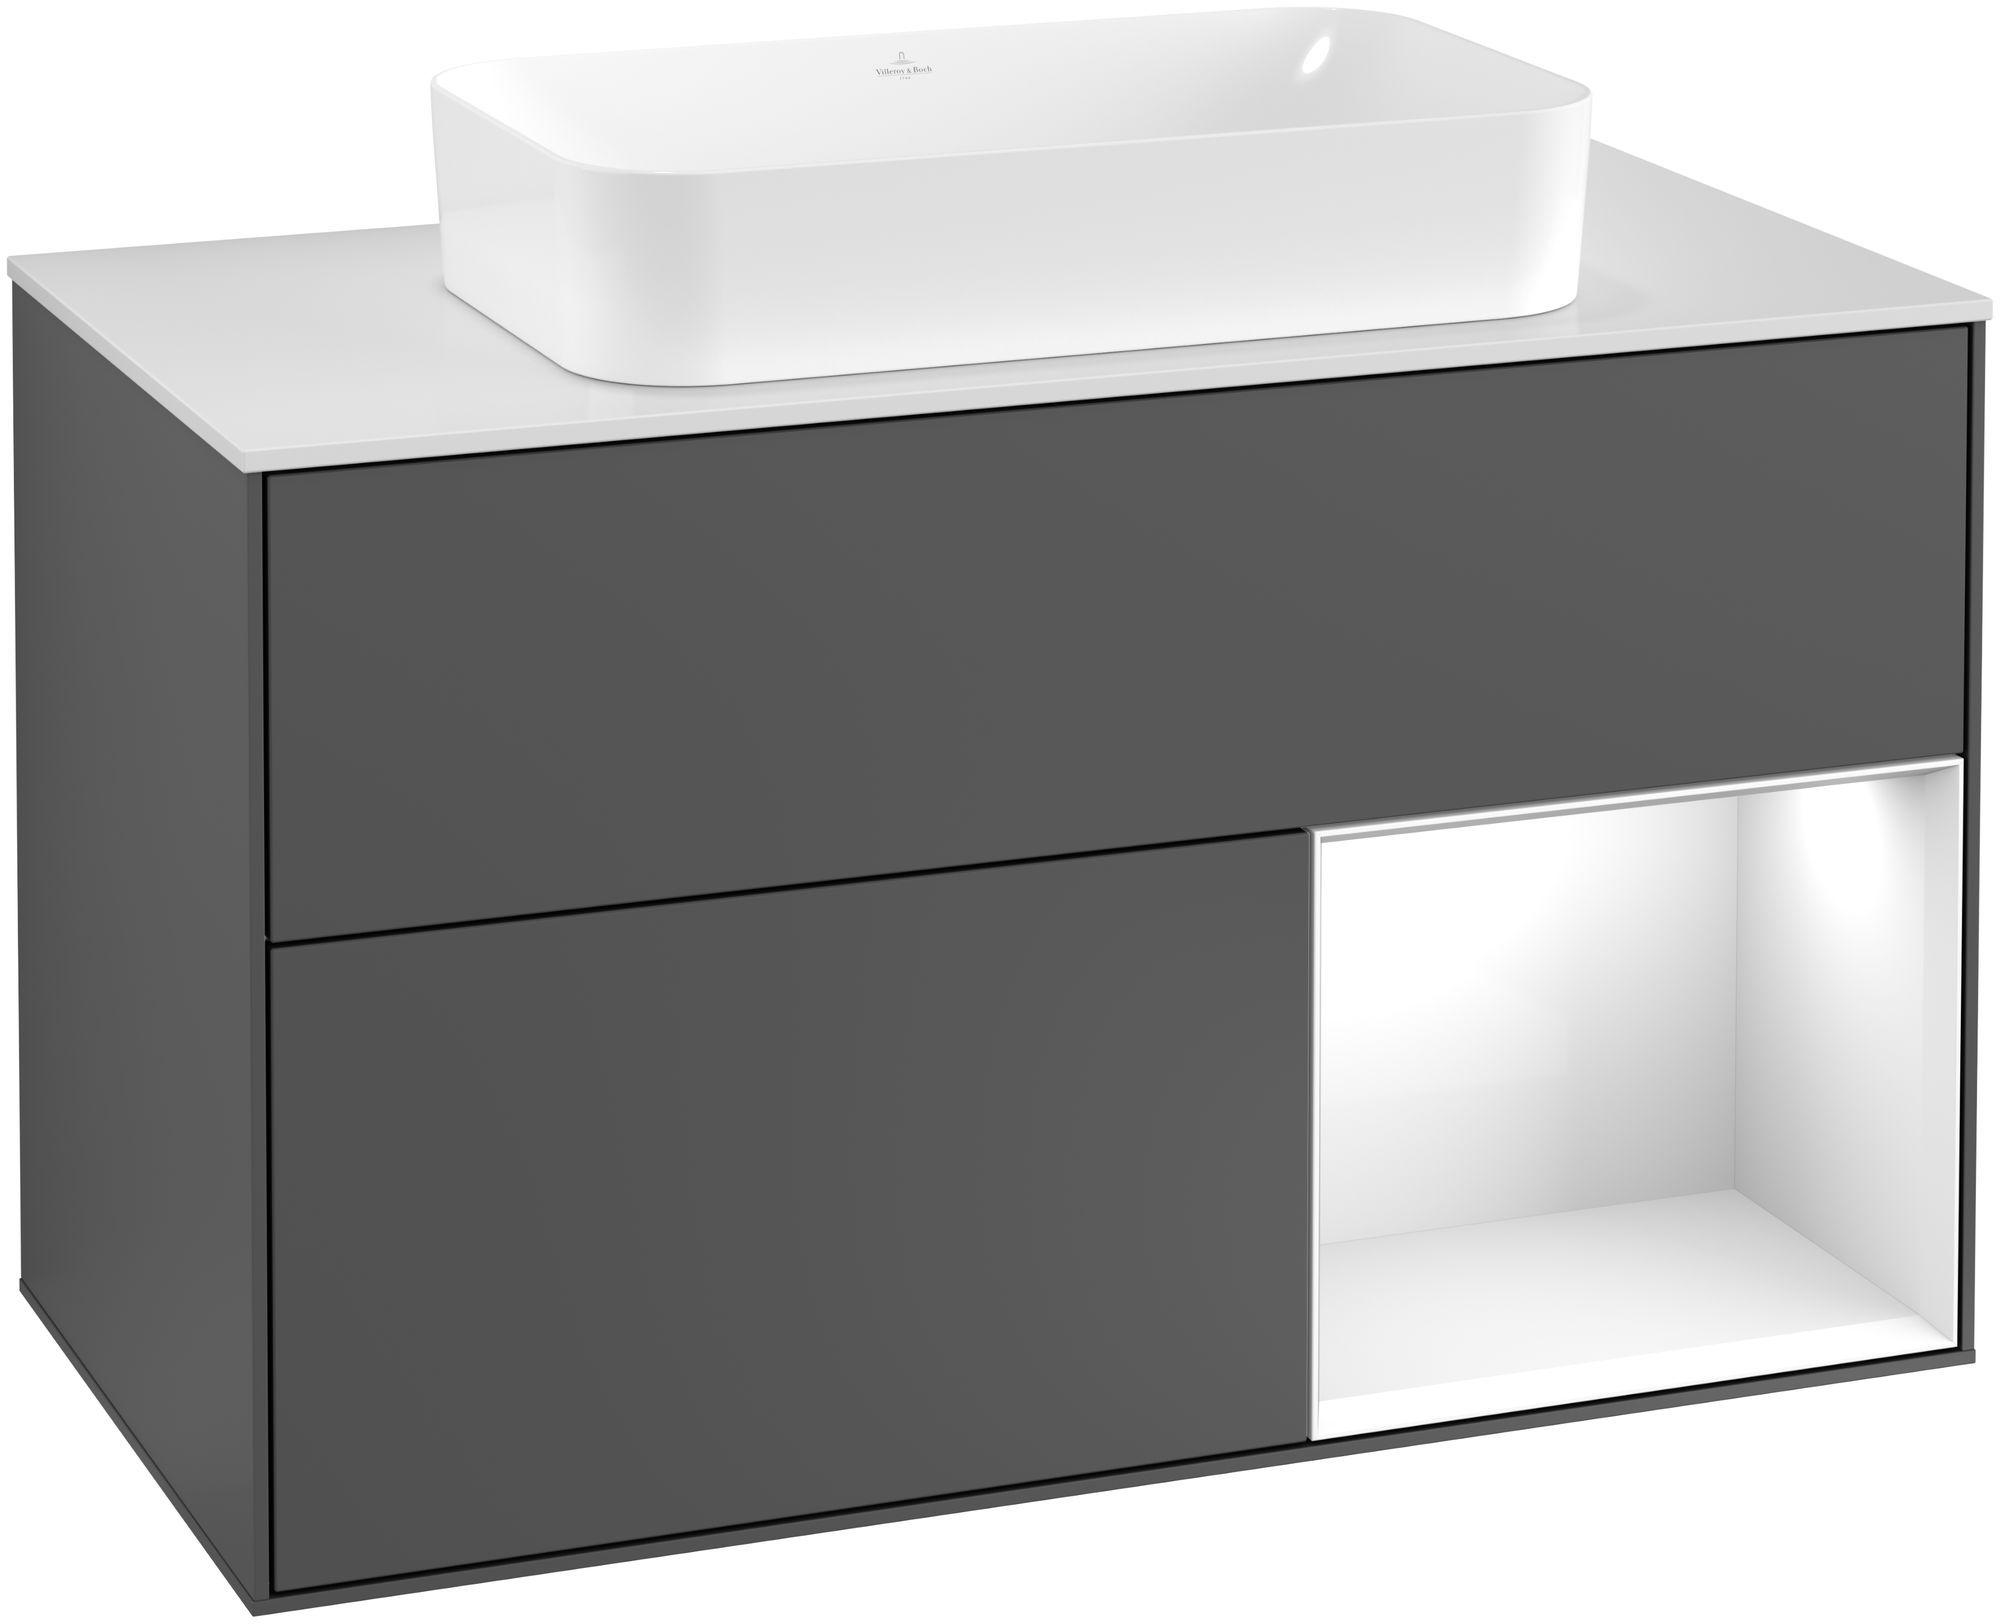 Villeroy & Boch Finion G25 Waschtischunterschrank mit Regalelement 2 Auszüge für WT mittig LED-Beleuchtung B:100xH:60,3xT:50,1cm Front, Korpus: Anthracite Matt, Regal: Glossy White Lack, Glasplatte: White Matt G251GFGK